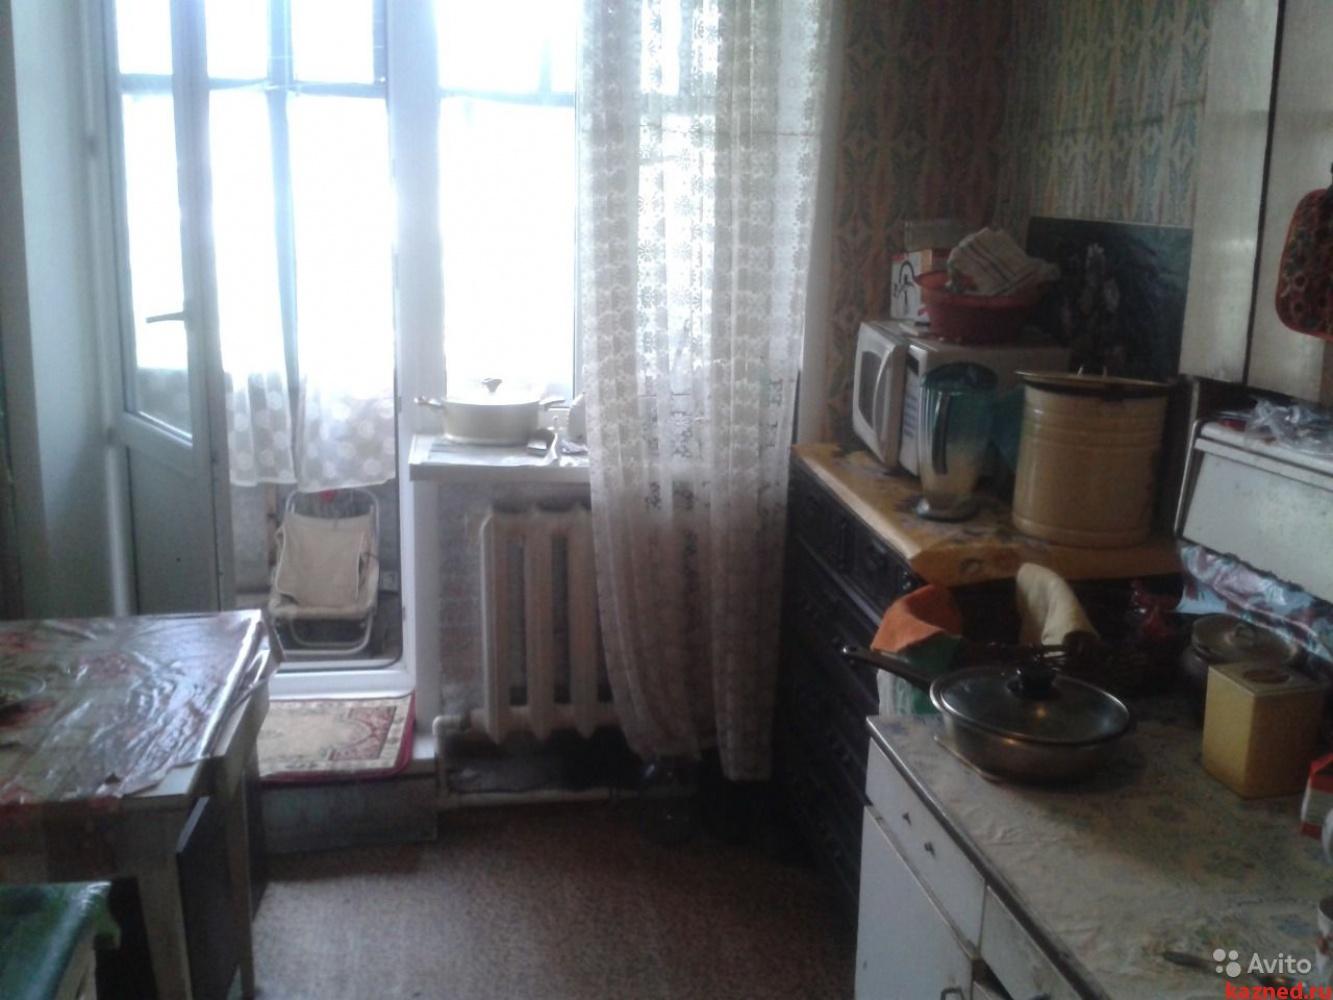 Продажа 1-к квартиры Новая, 7, 37 м²  (миниатюра №16)